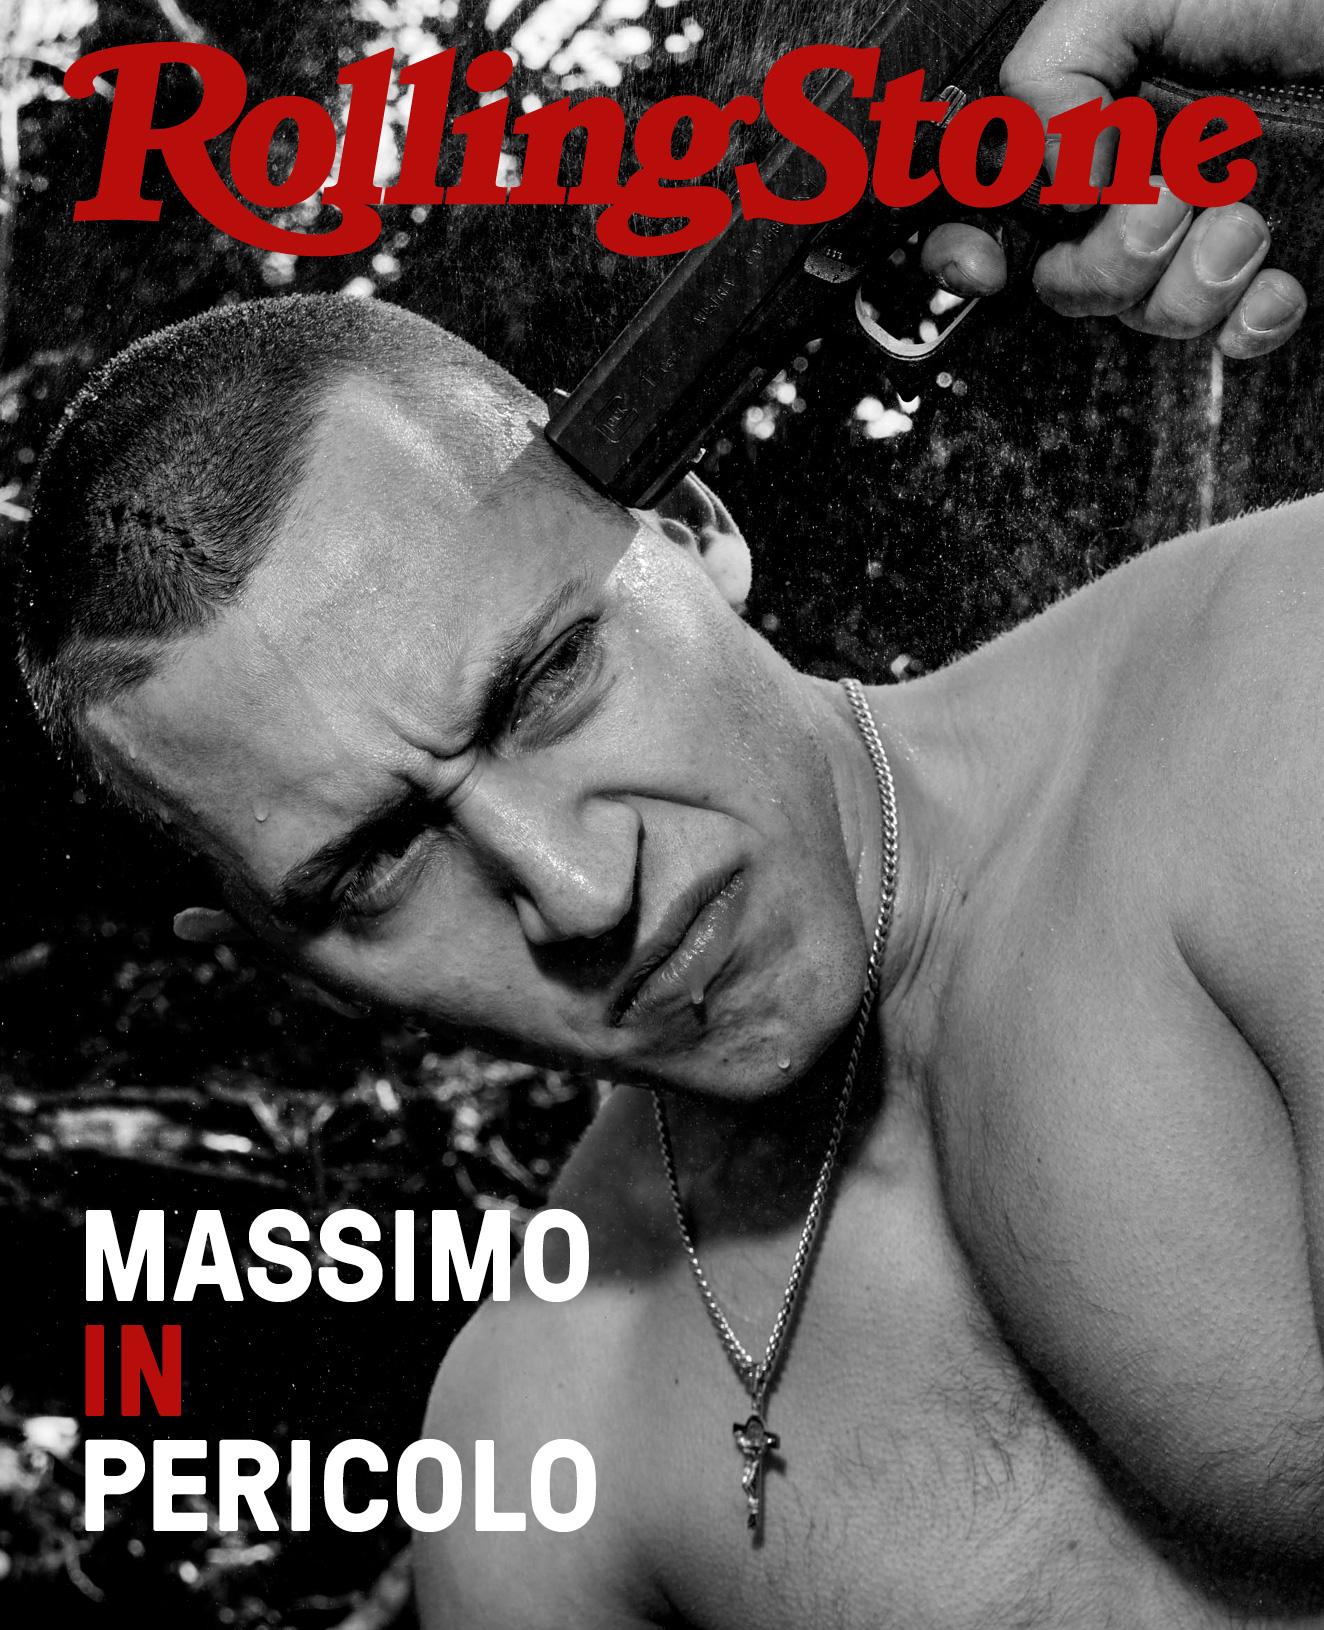 Massimo Pericolo digital cover Rolling Stone Italia